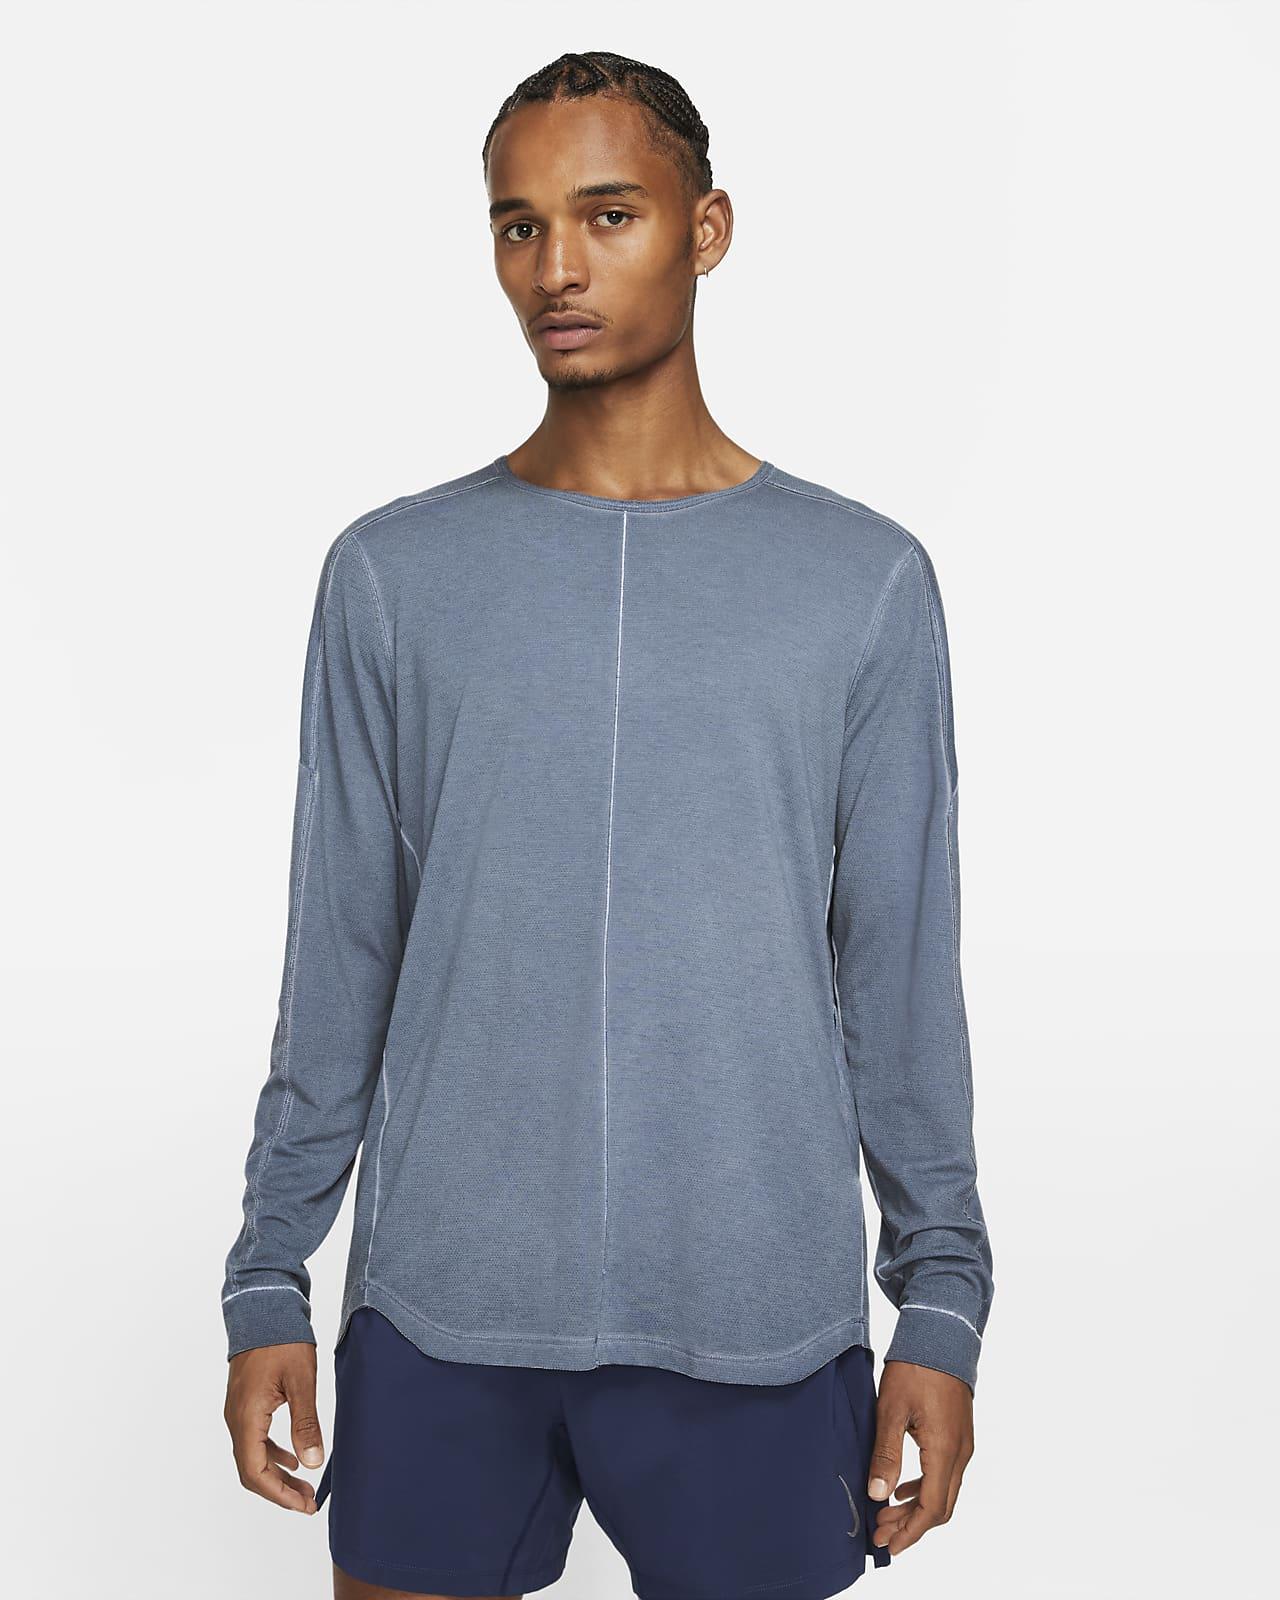 Långärmad tröja Nike Yoga för män